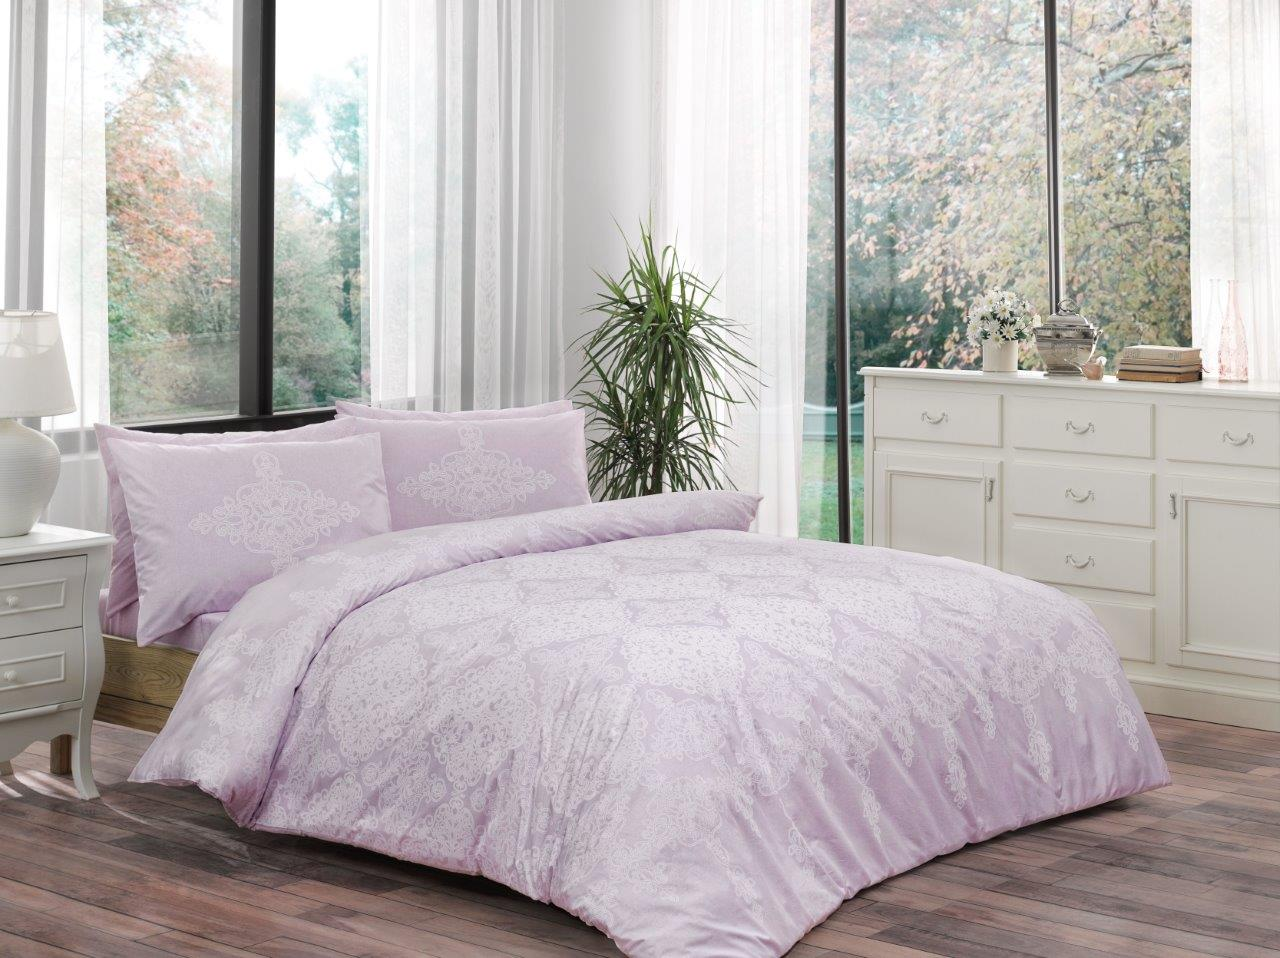 Комплект белья ТАС Blanche, 1,5-спальный, наволочки 50x70, цвет: лиловый. 4080-454294080-45429Сочетание для счастливой жизни в счастливом доме. Ранфорс-Хлопчатобумажная ткань полотняного переплетения нитей. Ранфорс – плотная, в тоже время мягкая ткань, похожая на бязь. Идеально поддерживает естественный температурный баланс тела. Легко впитывает влагу (до 20% своего веса), оставаясь при этом сухой на ощупь. Очень устойчива к частым стиркам.Бесценная забота о тех, кто Вам дорог.